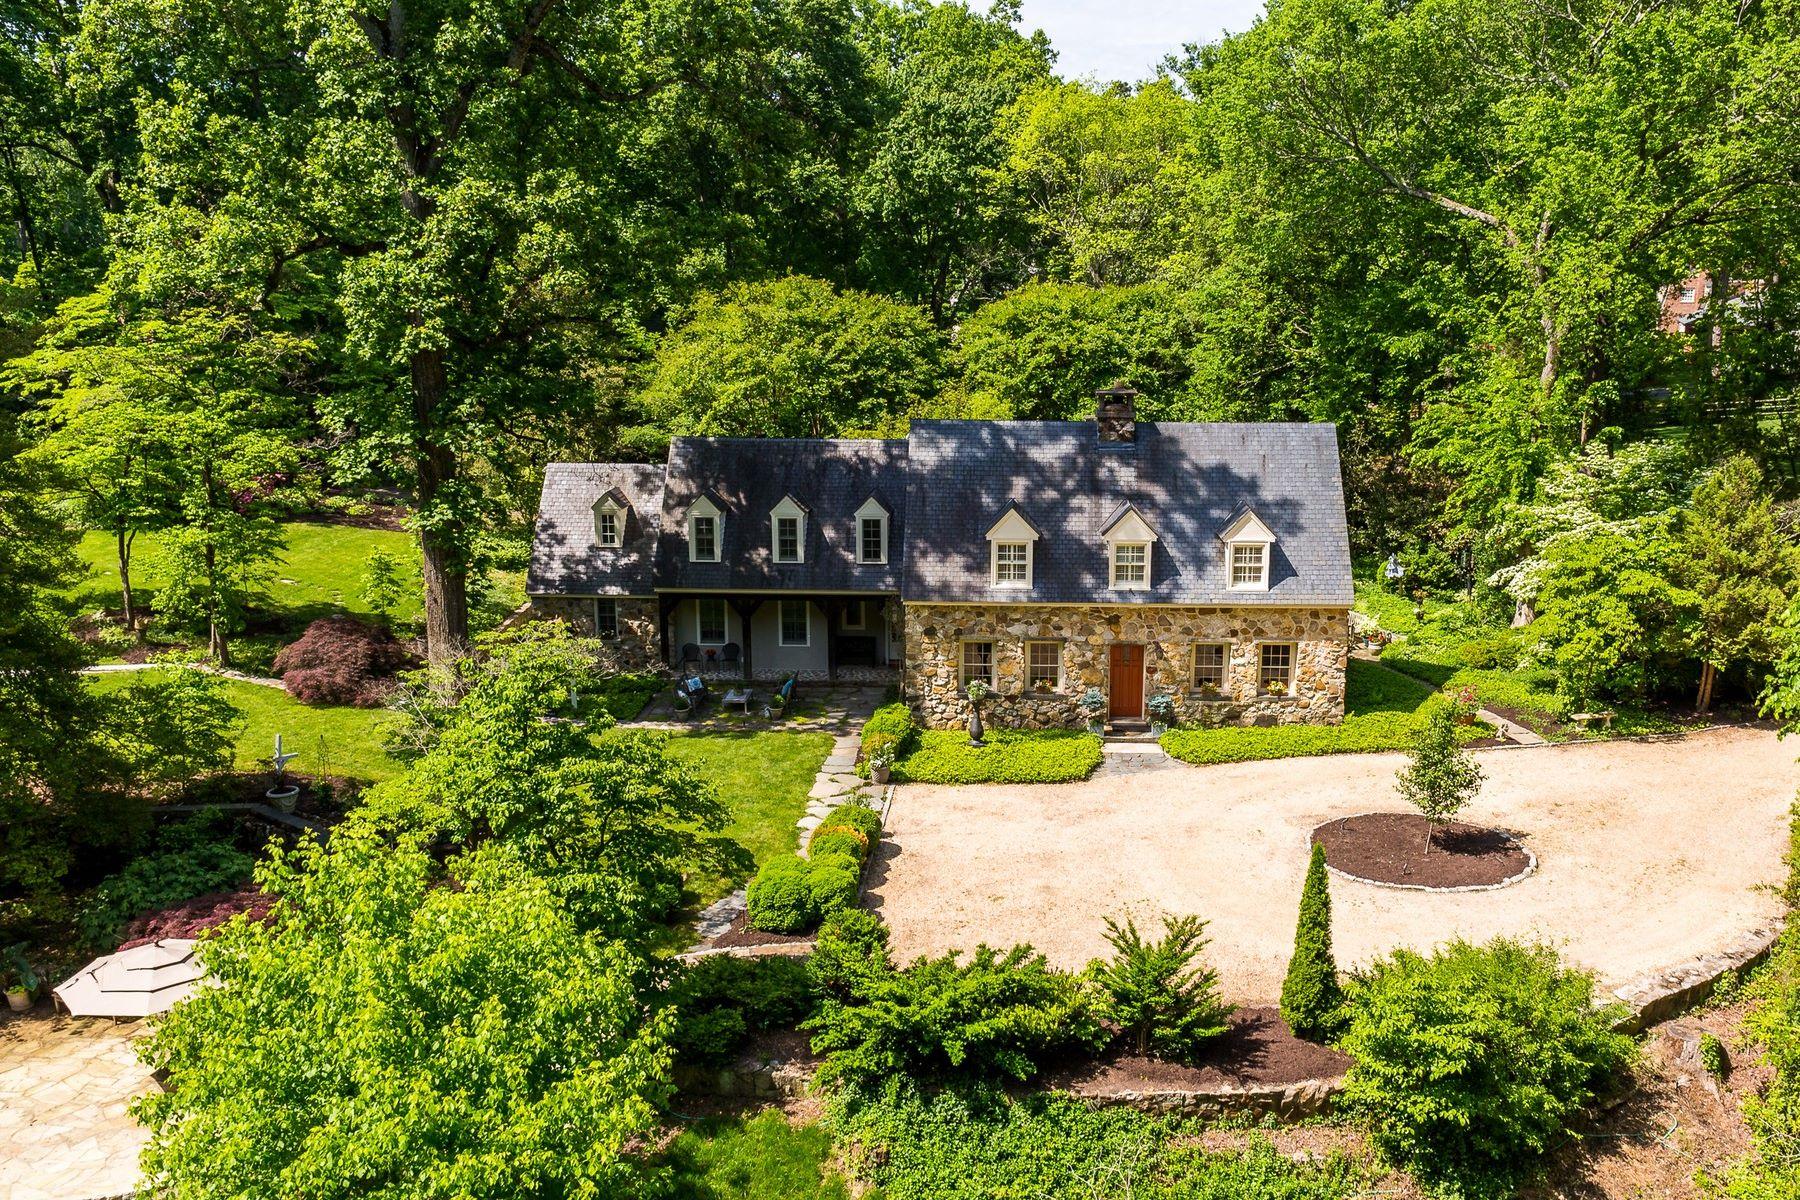 一戸建て のために 売買 アット 207 Wood Road, Henrico 207 Wood Rd Henrico, バージニア, 23229 アメリカ合衆国